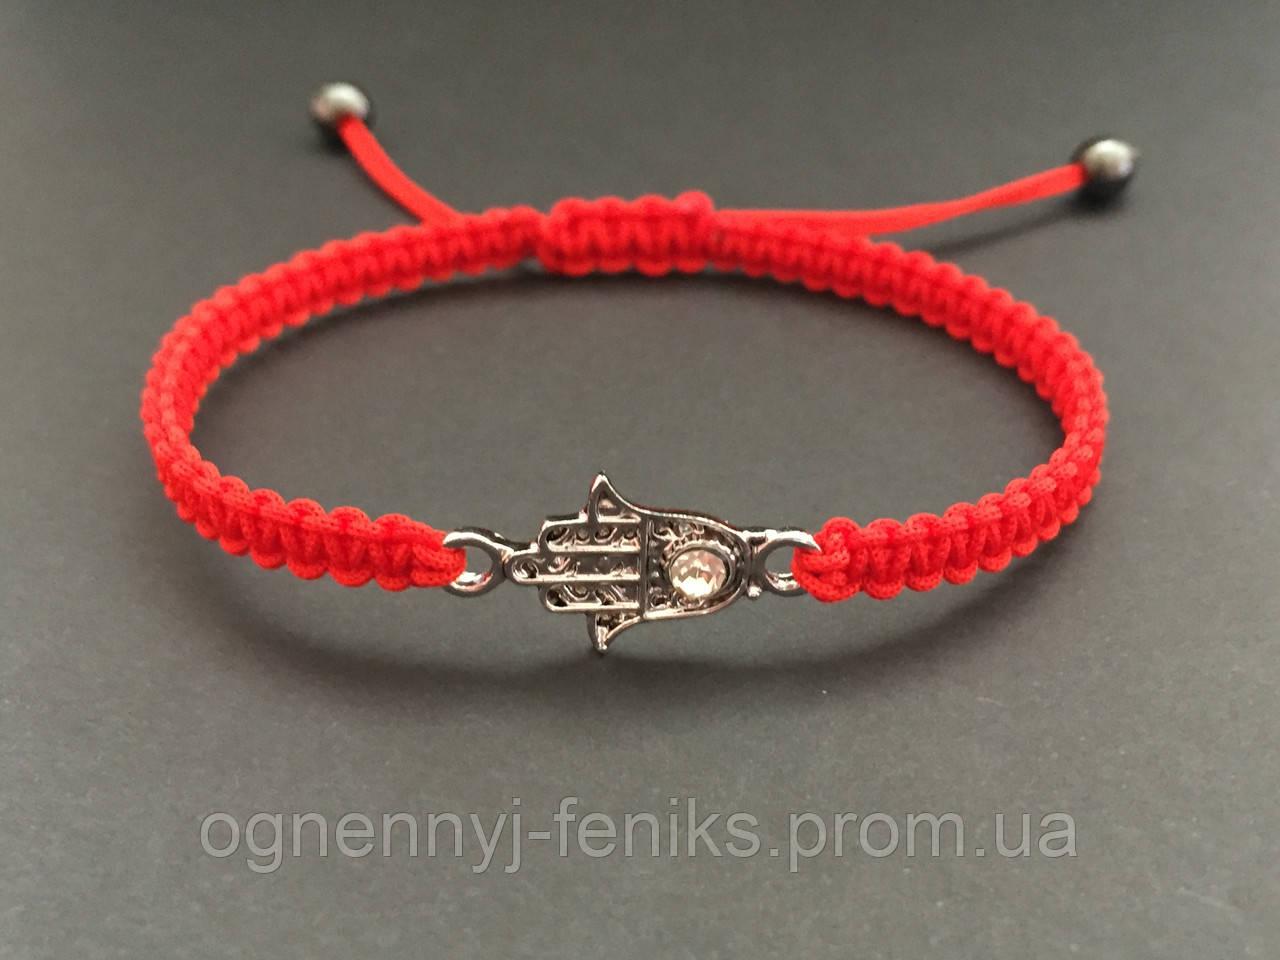 Красная нить на запястье с амулетом руки от чего оберегает амулет хамса